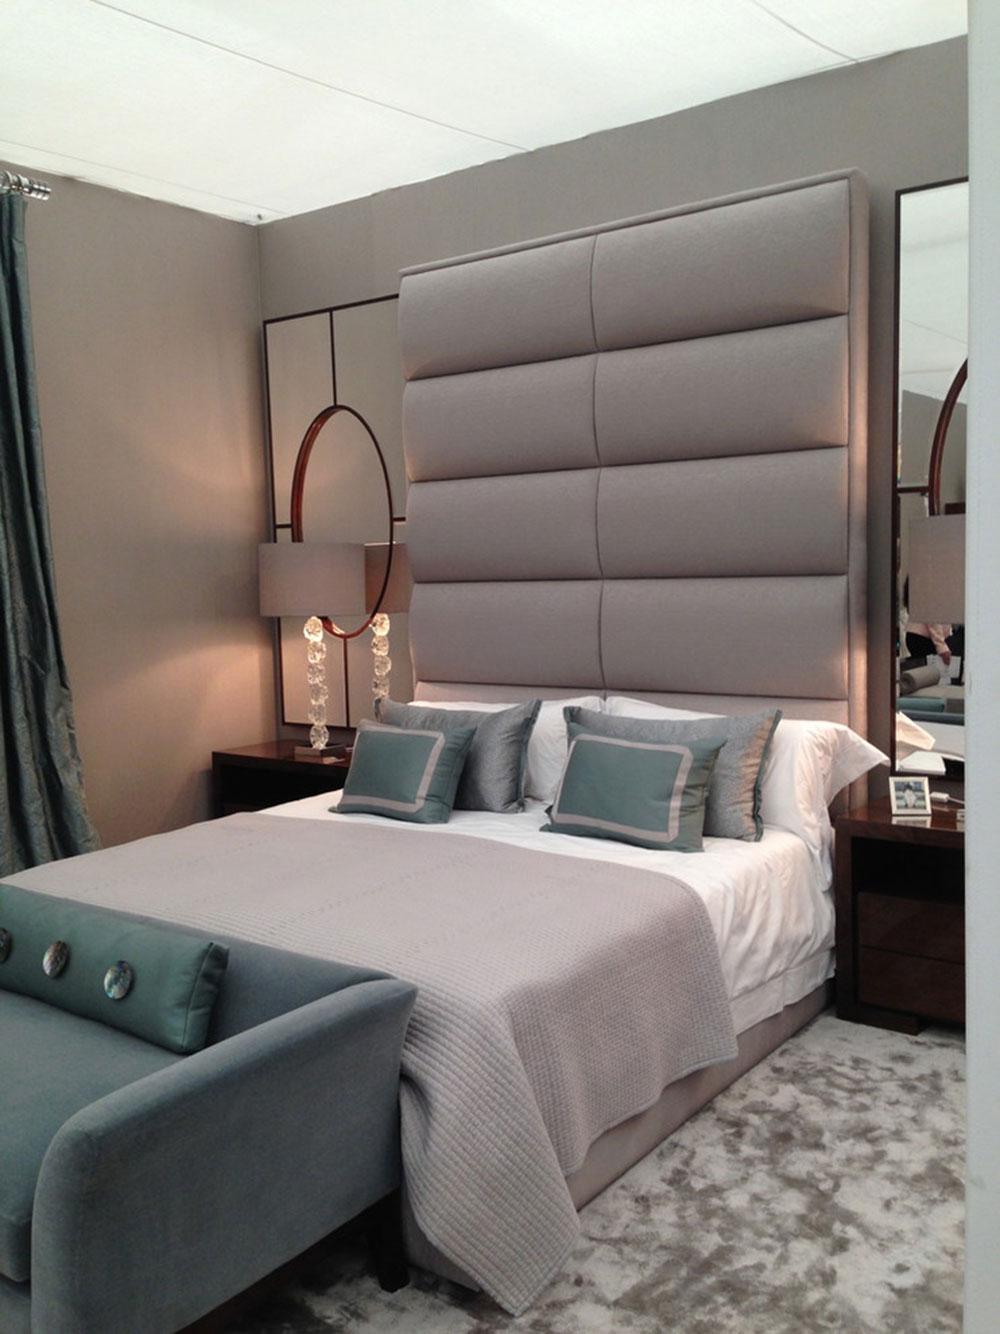 Bra idéer för att välja sänggavel till din säng1 Bra idéer för att välja sänggavel till din säng